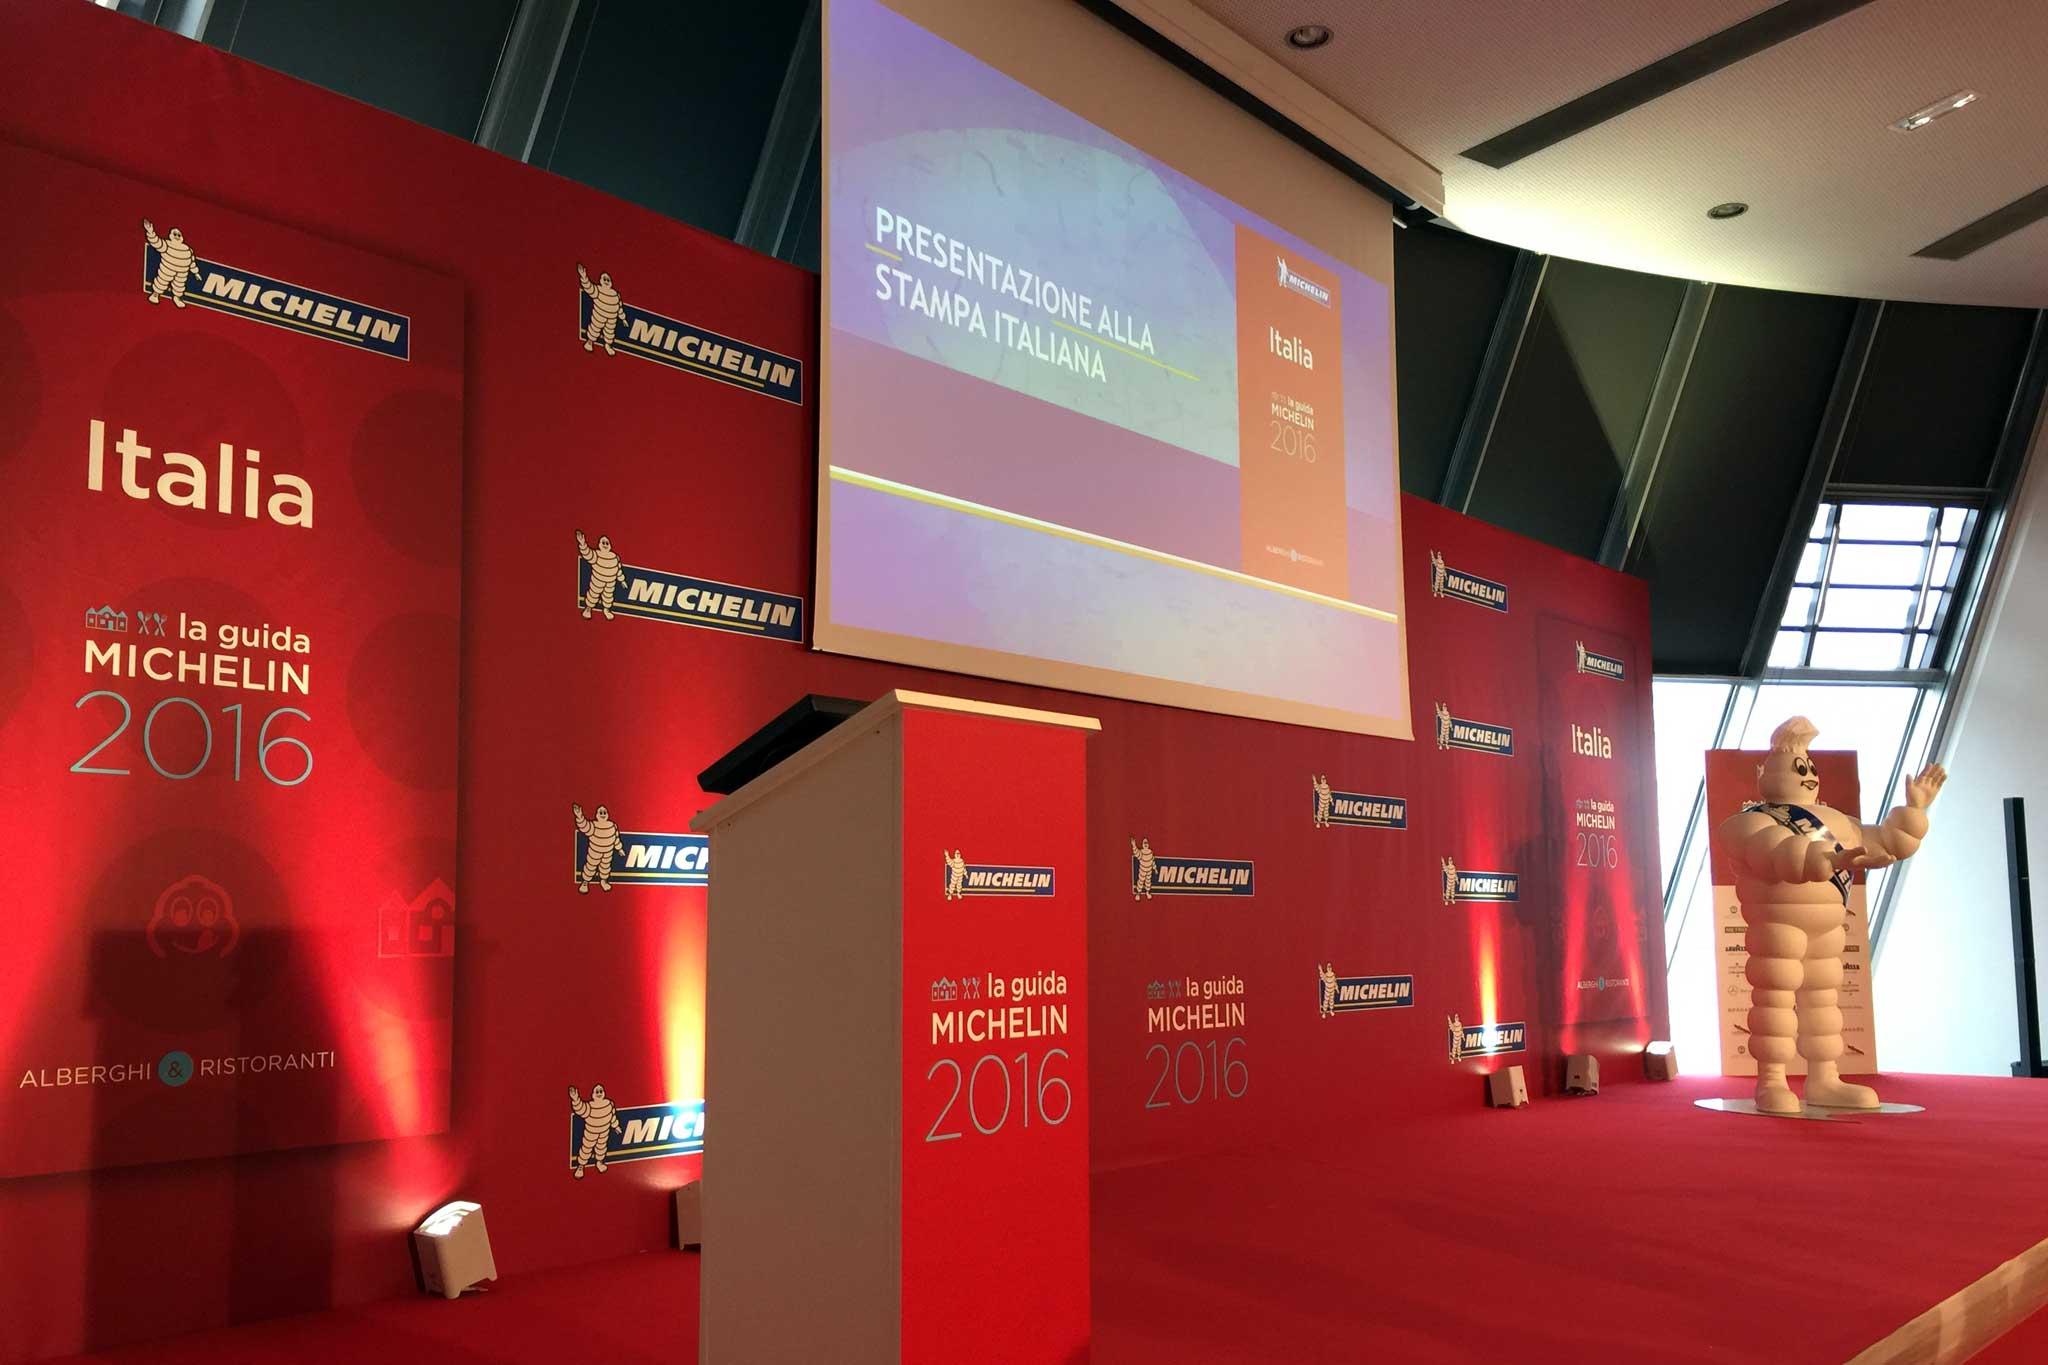 presentazione Michelin 2016 Italia